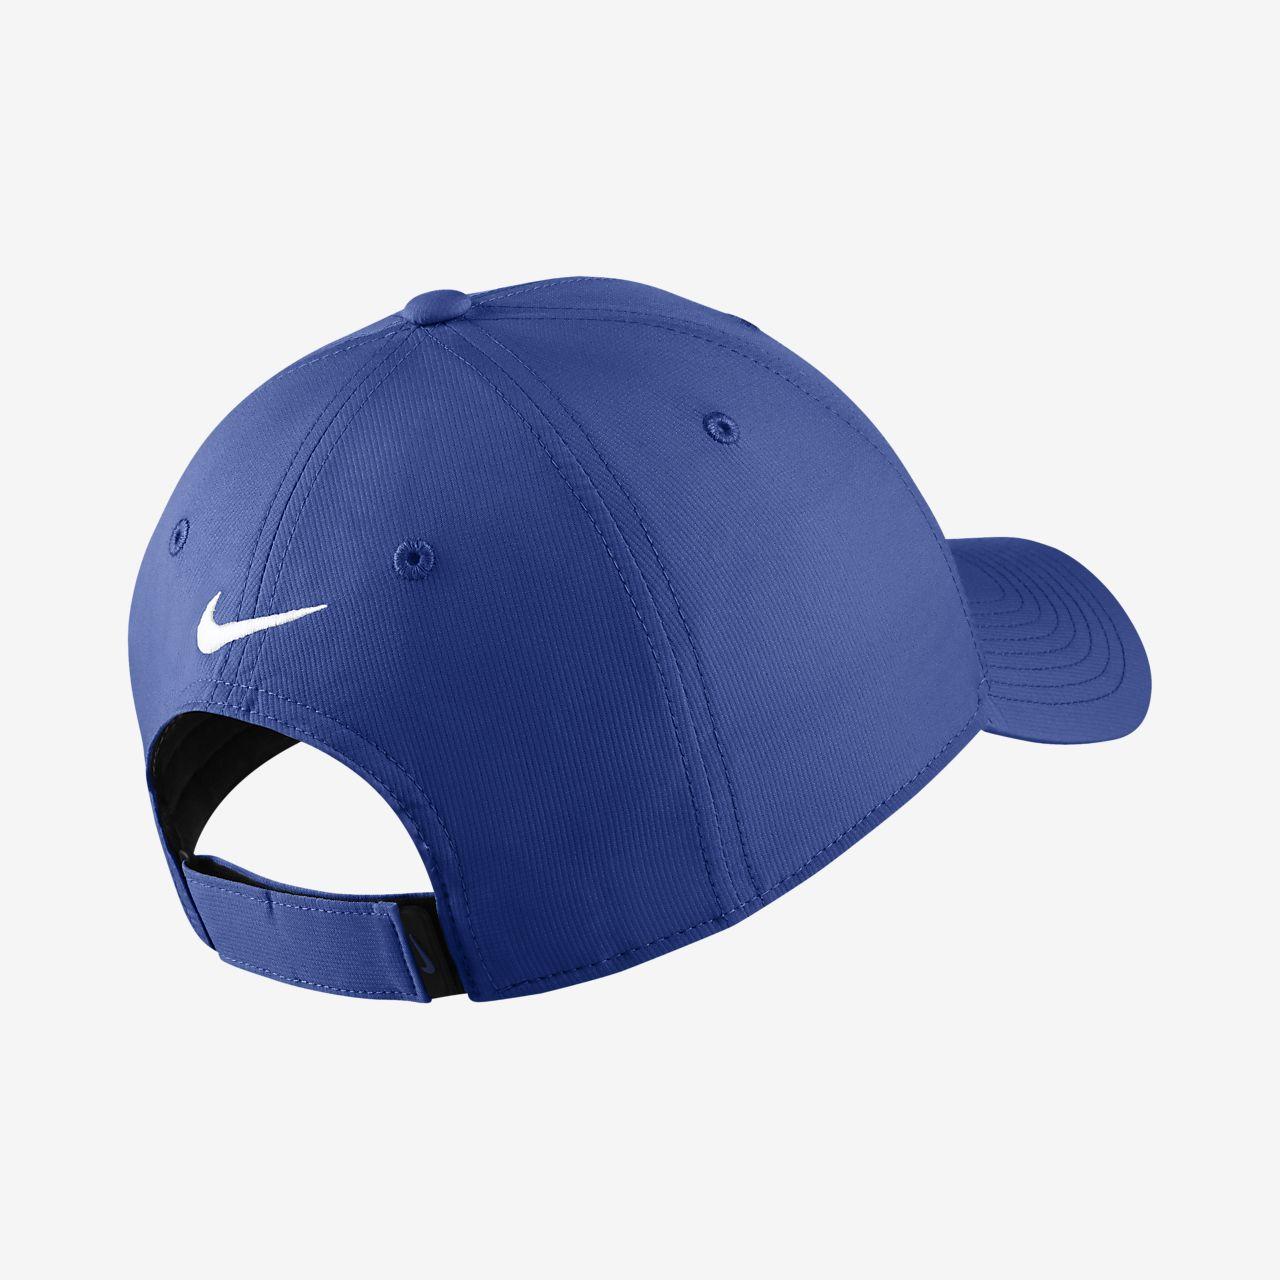 6c04c6db4fad1 Nike Dri-FIT Legacy91 Golf Hat. Nike.com CA